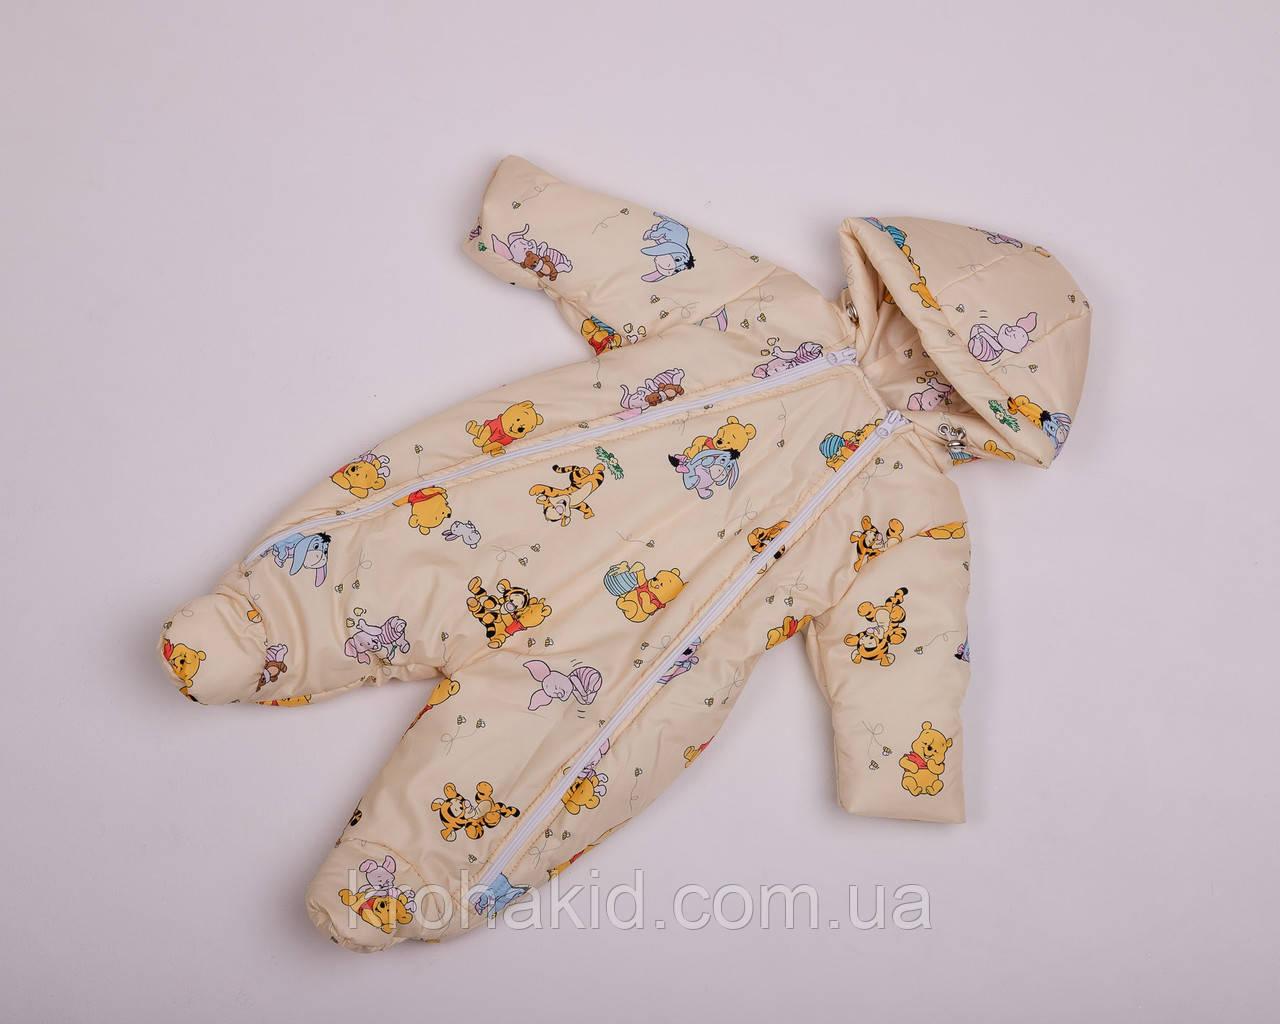 Дитячий демісезонний комбінезон для немовляти - осінній комбінезон для діток від 0 до 6 міс